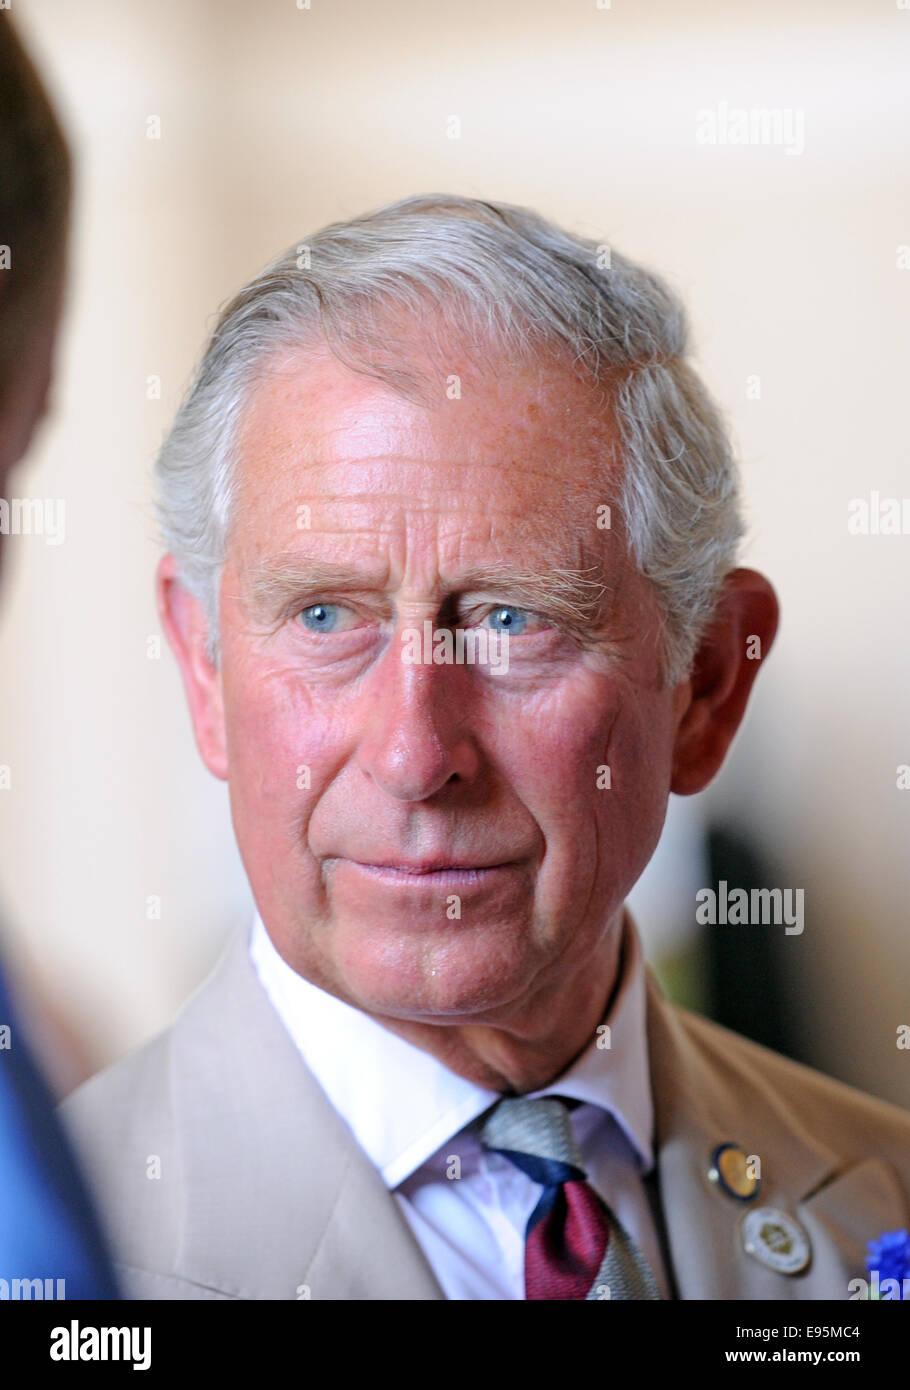 Un ambiente relajado y sonriente el Príncipe Carlos durante una participación pública en Sussex Imagen De Stock